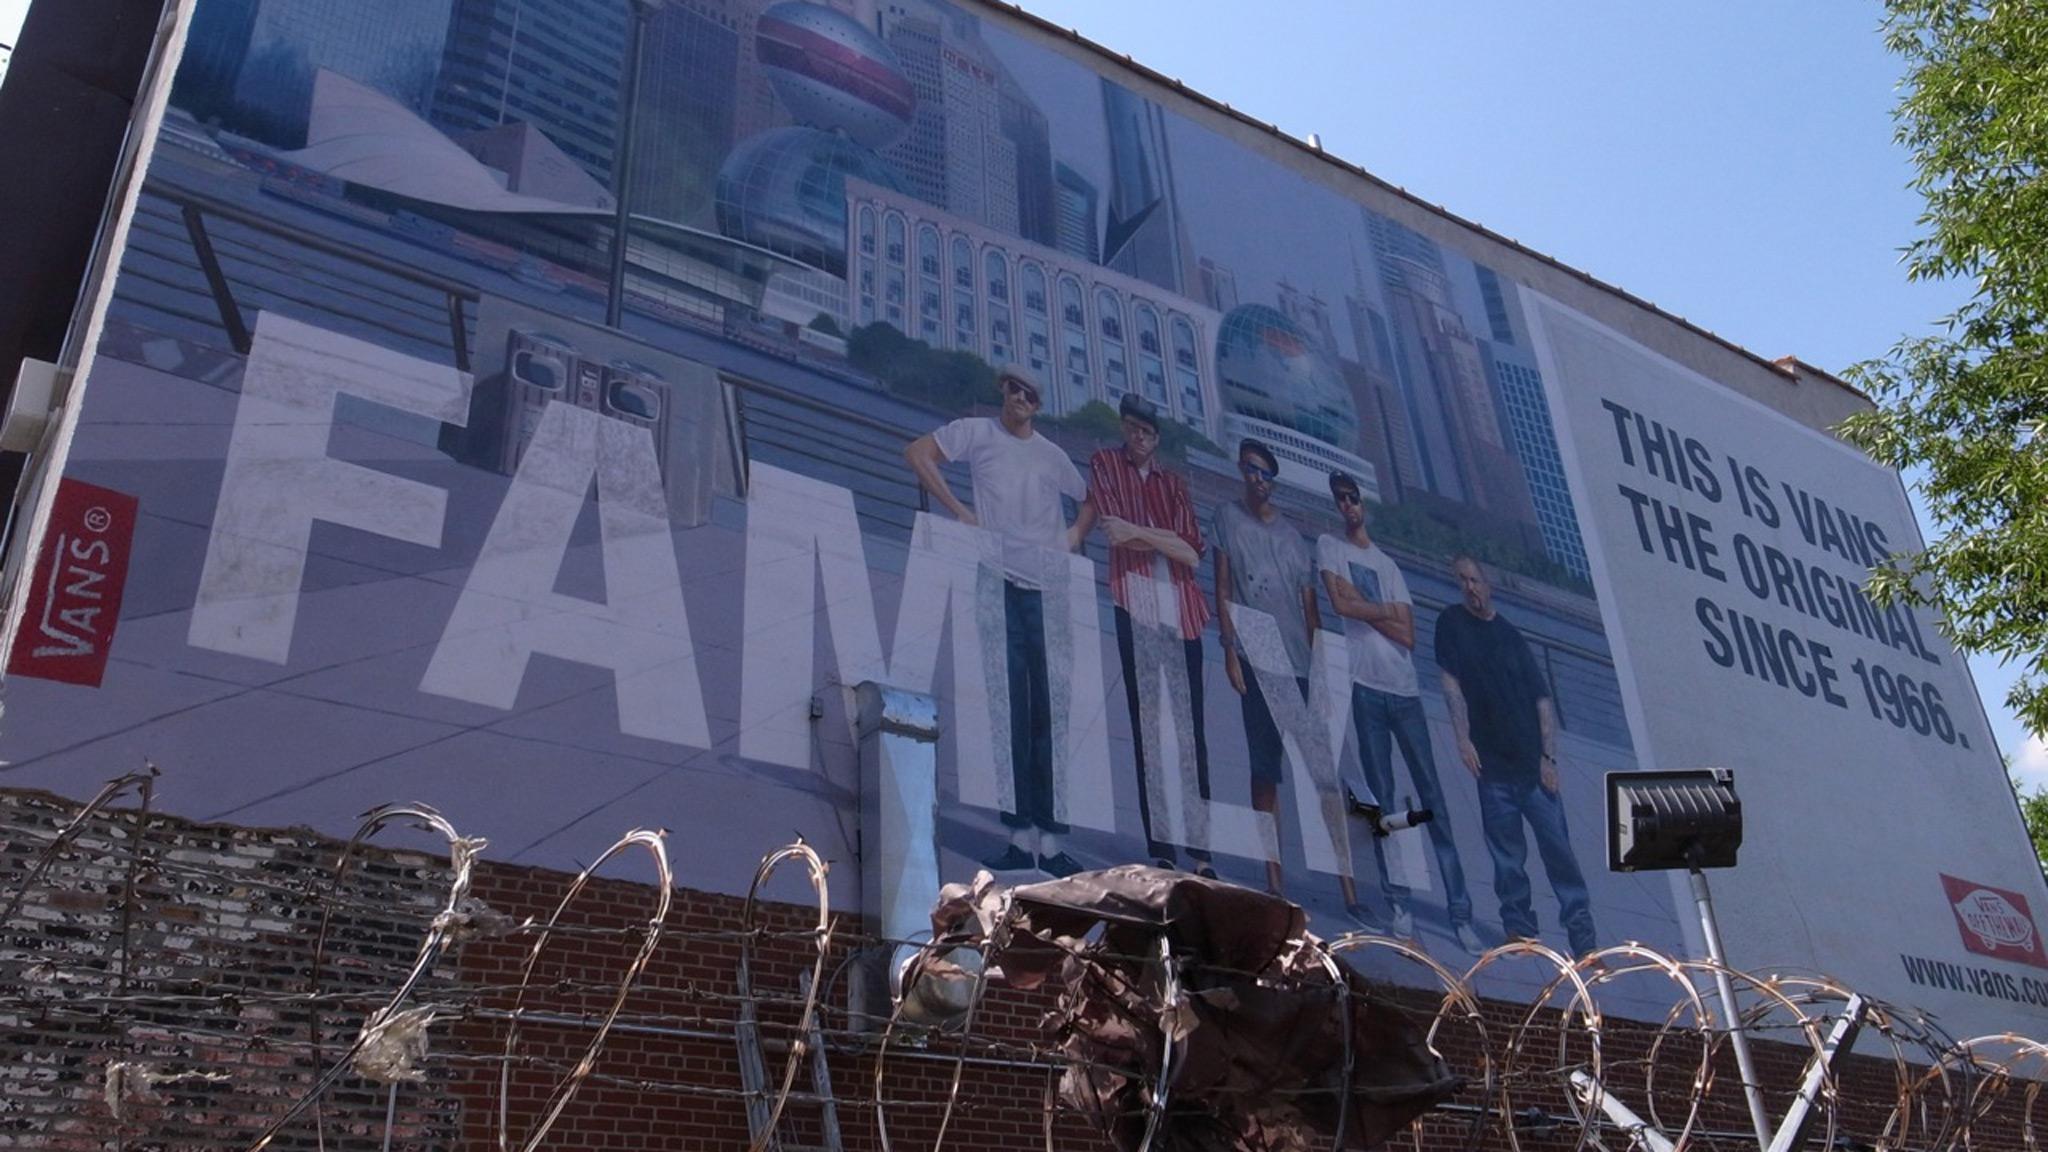 OTW billboard